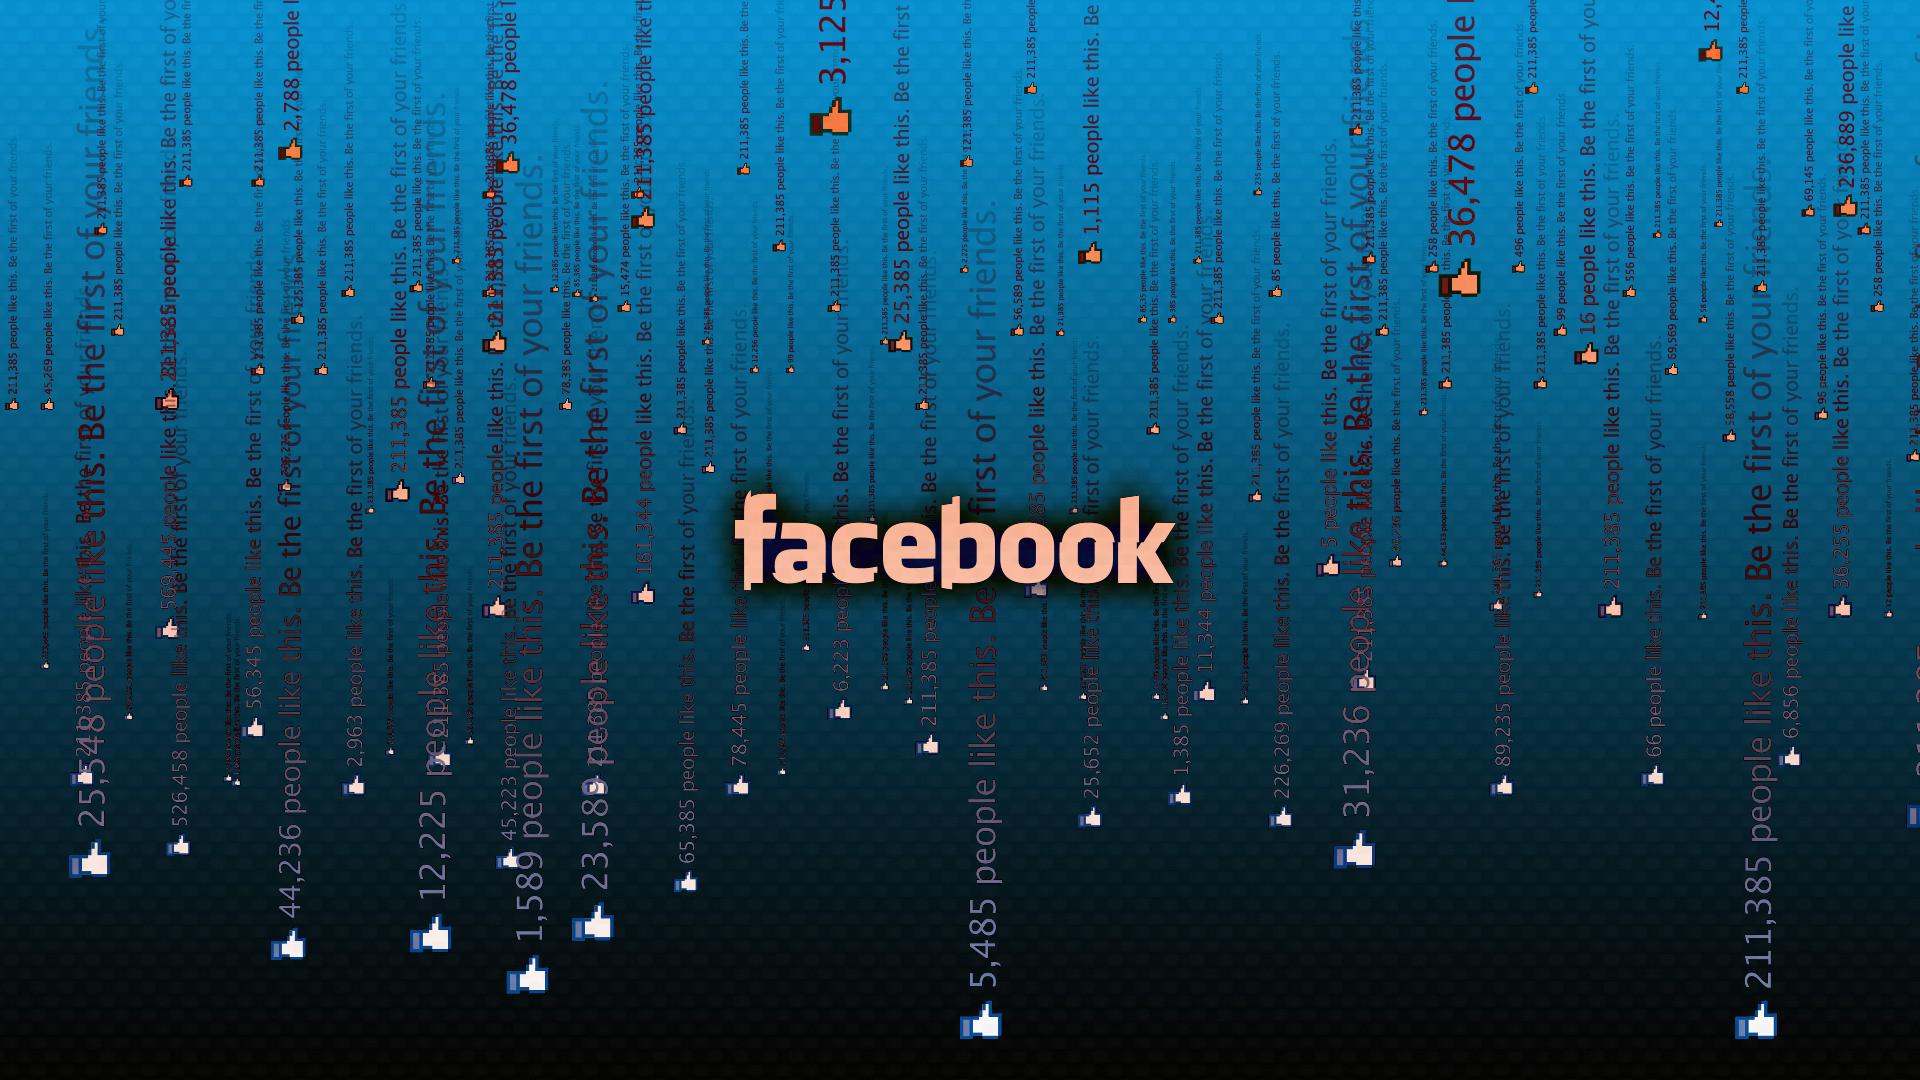 Facebook Computer Wallpapers Desktop Backgrounds